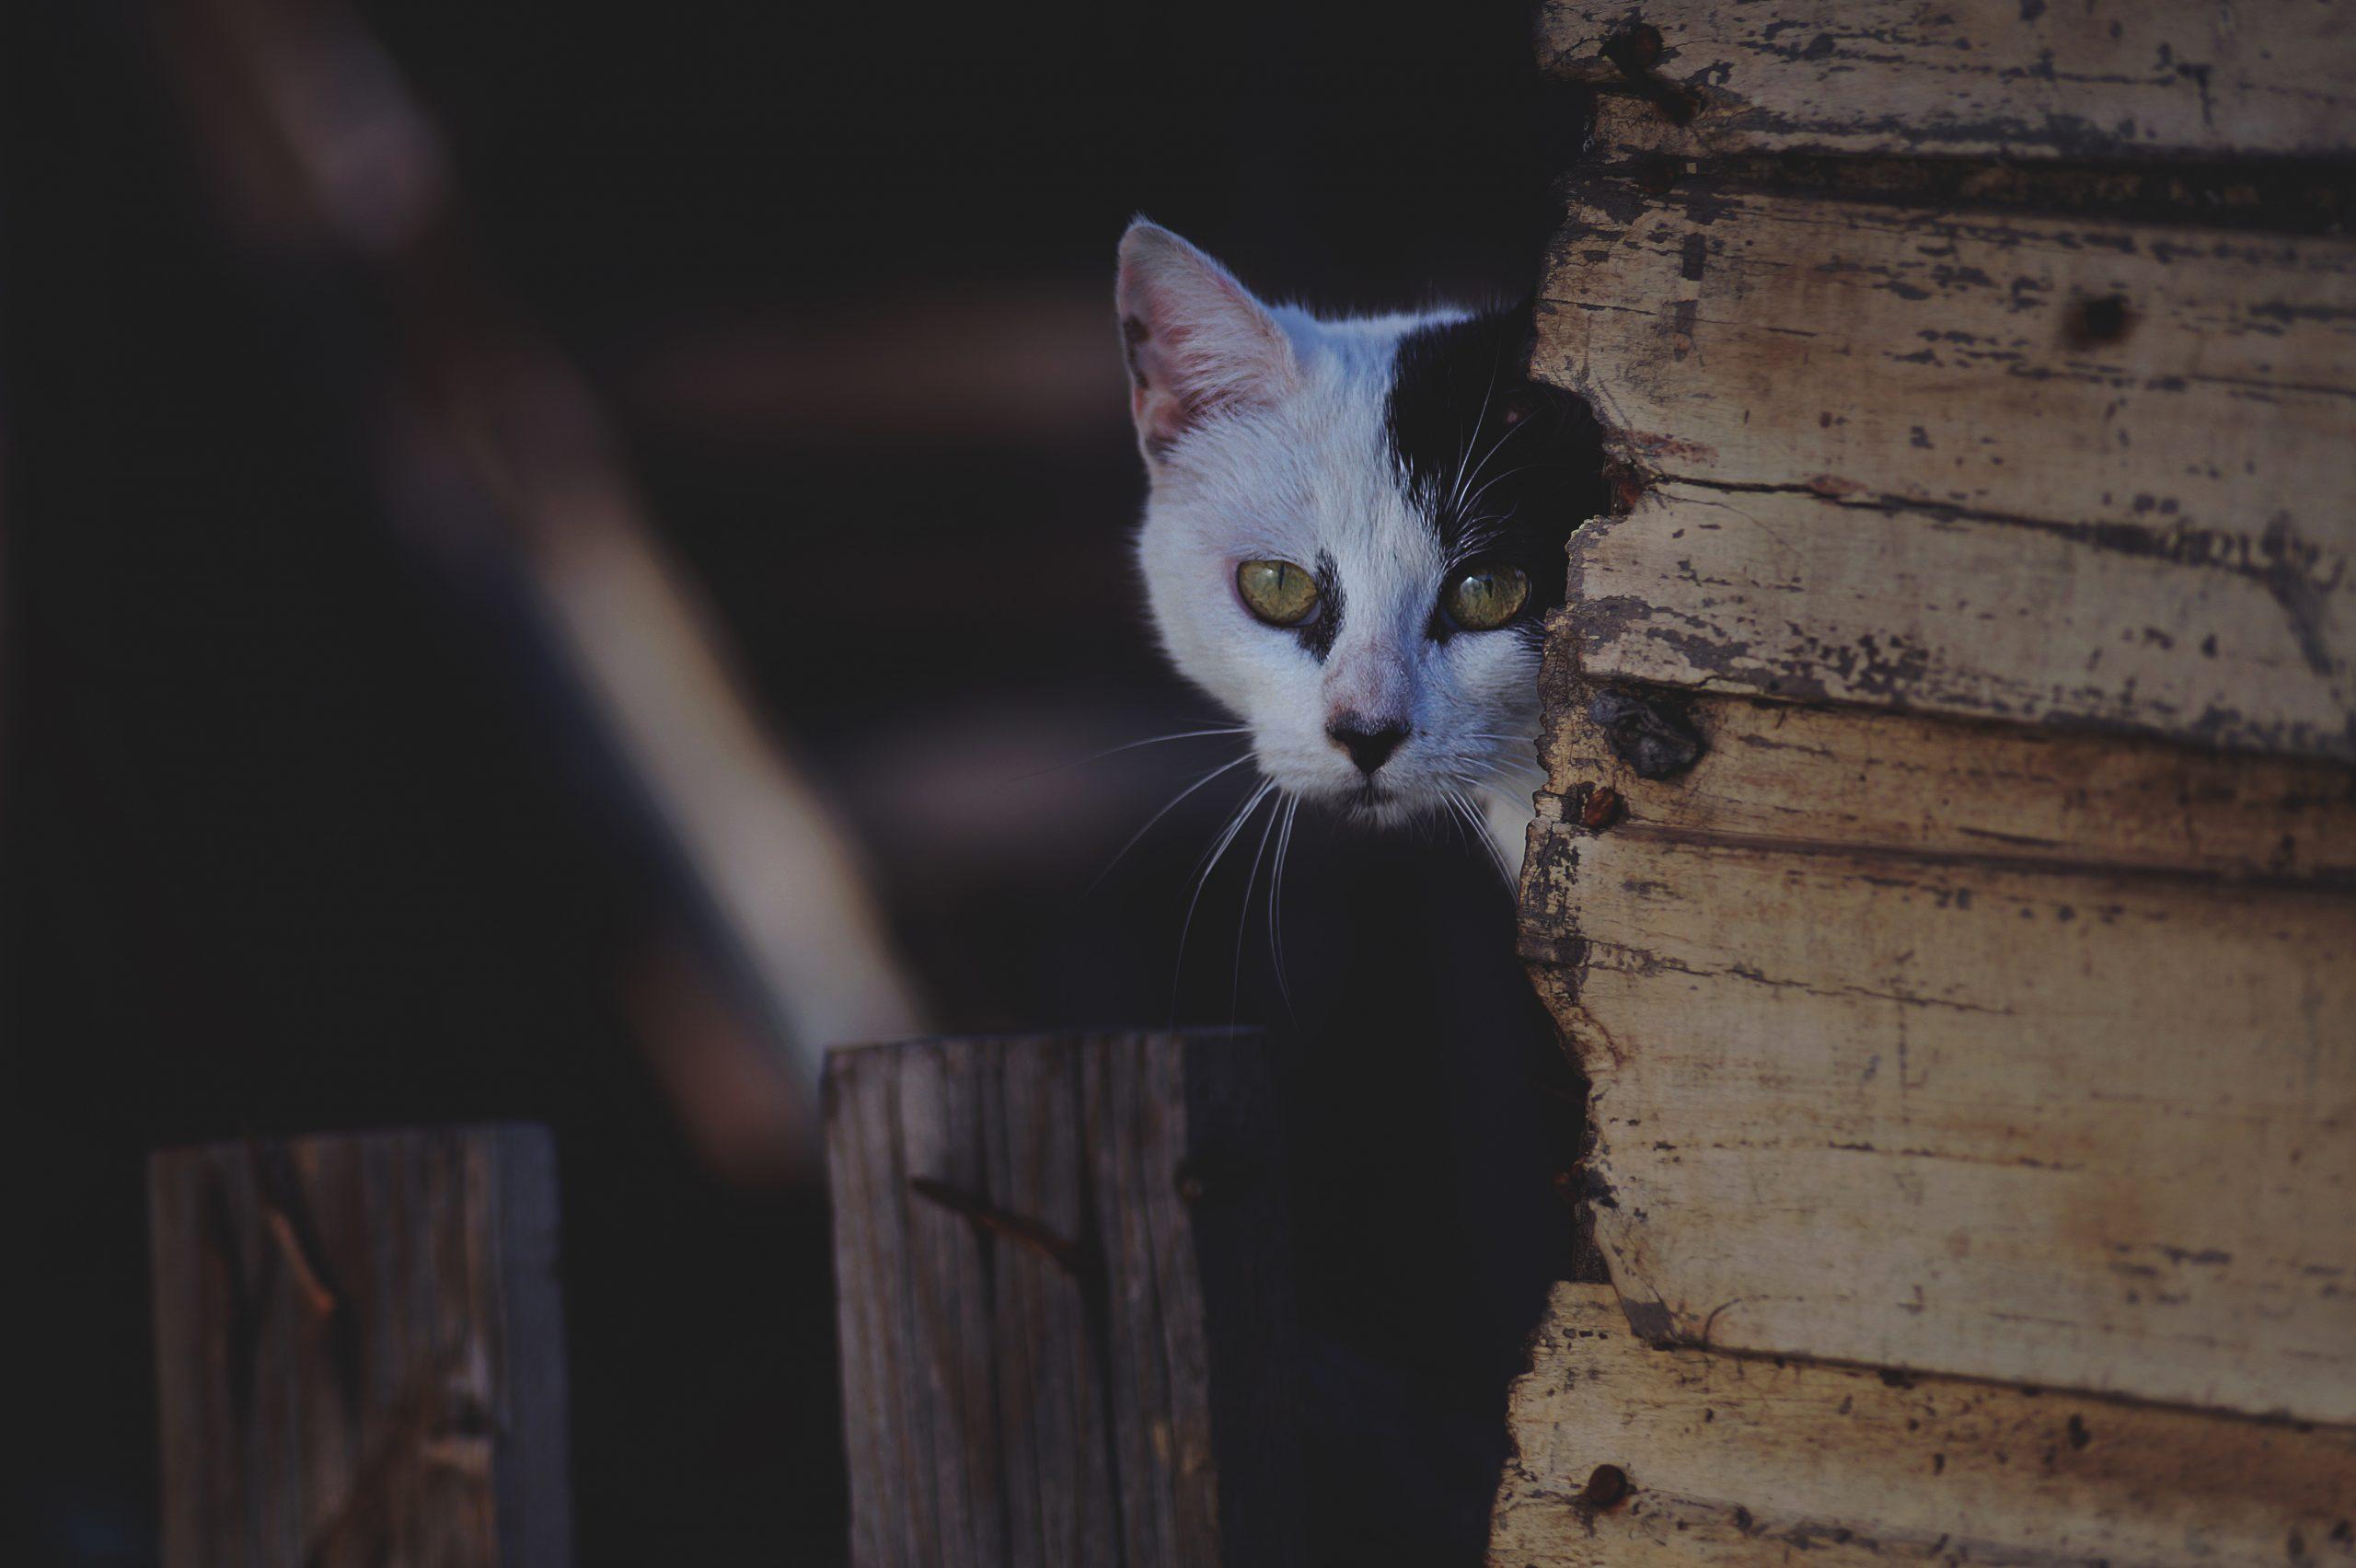 comment approcher un chat errant